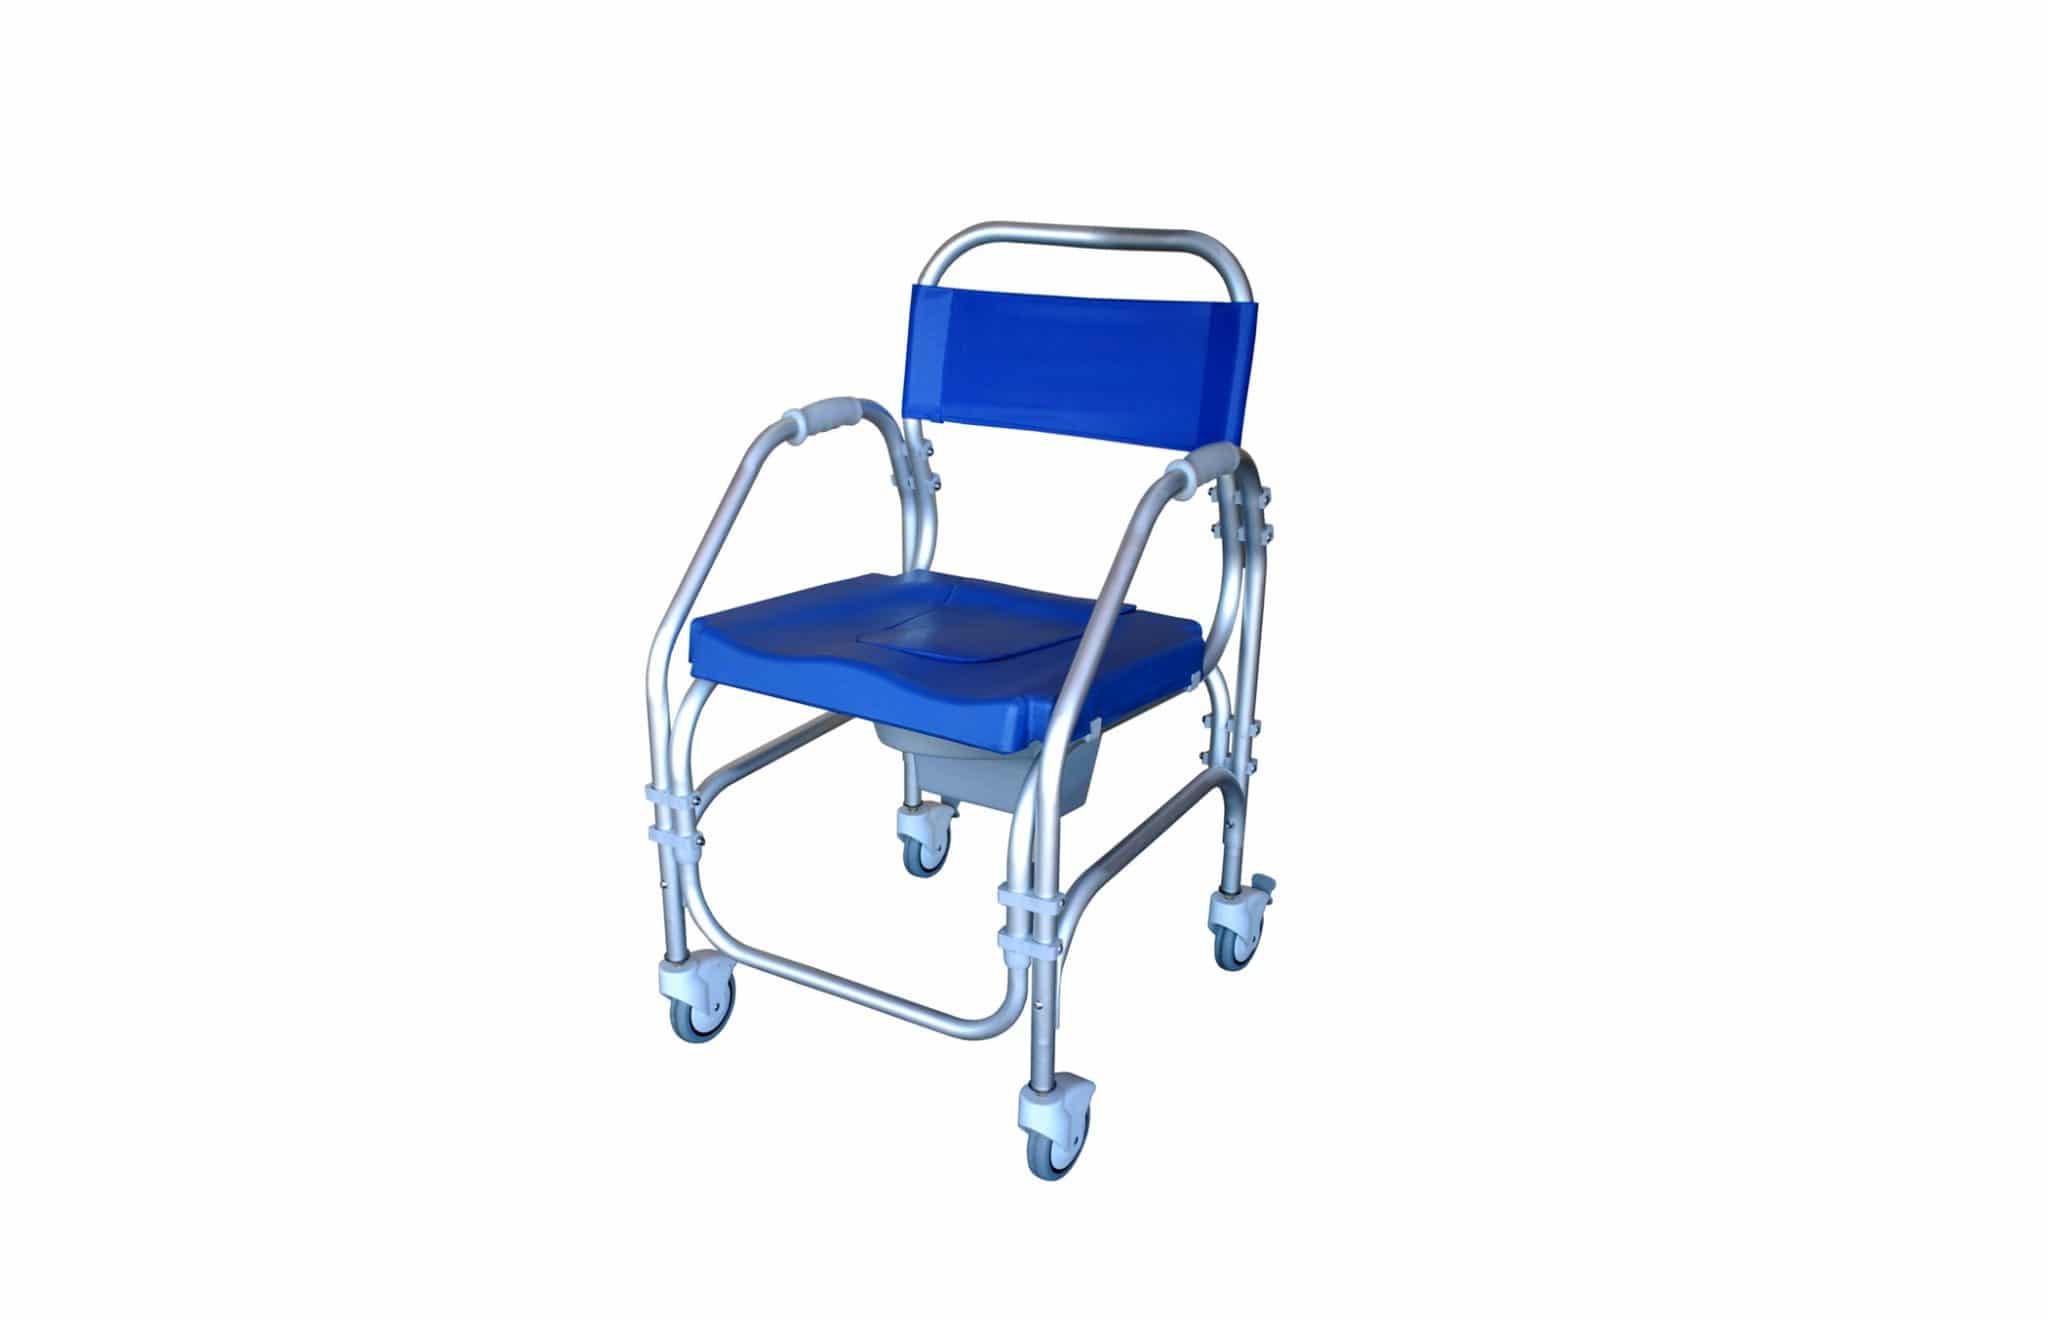 Cadeira de banho azul, com estrutura em alumínio